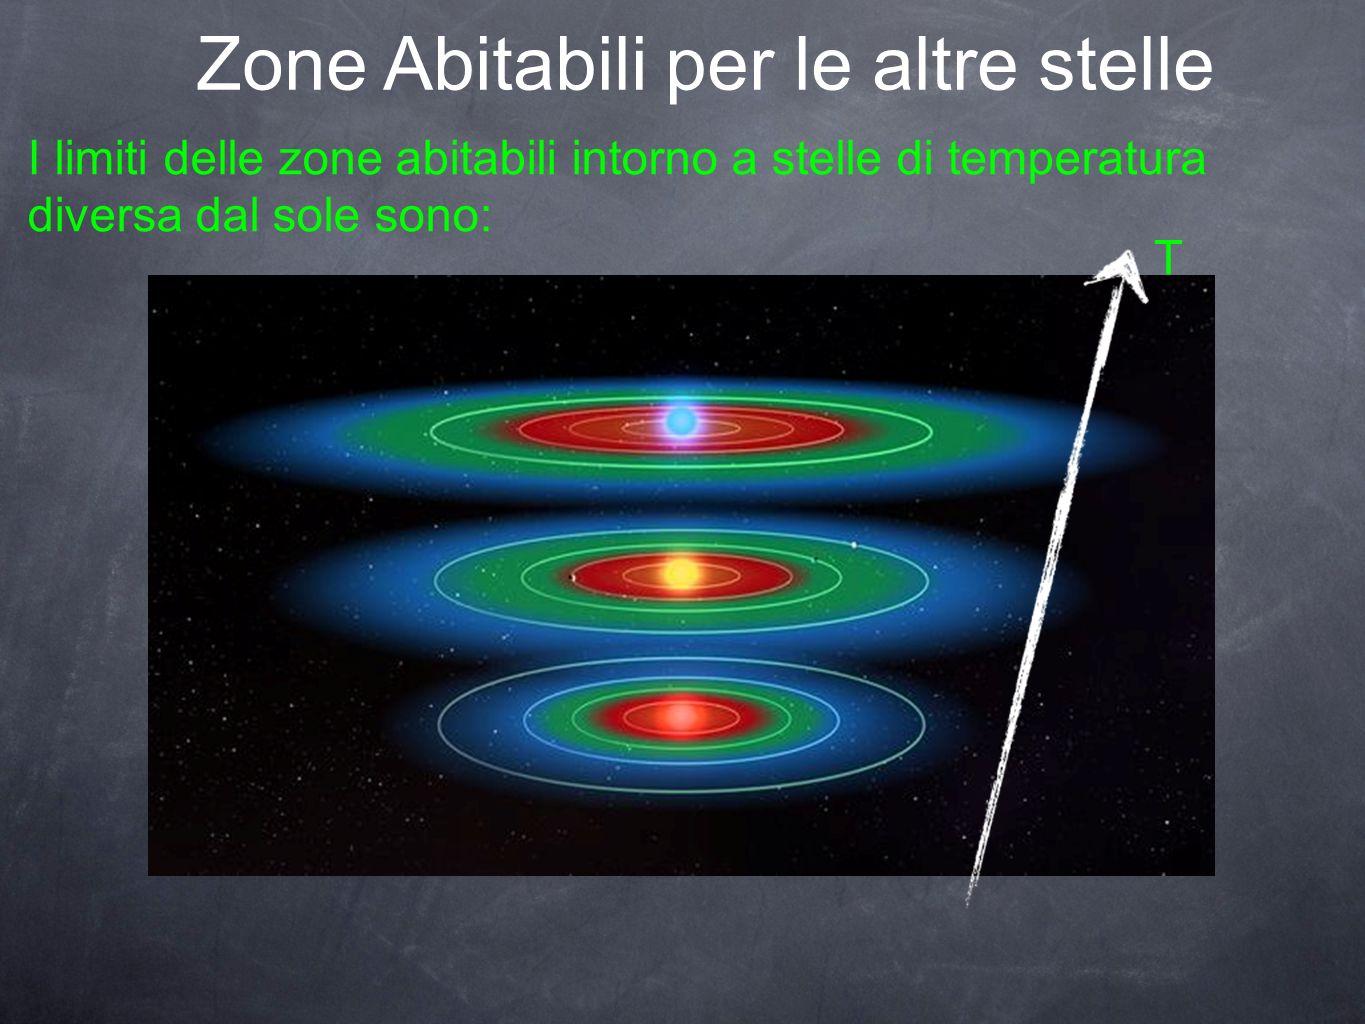 Zone Abitabili per le altre stelle